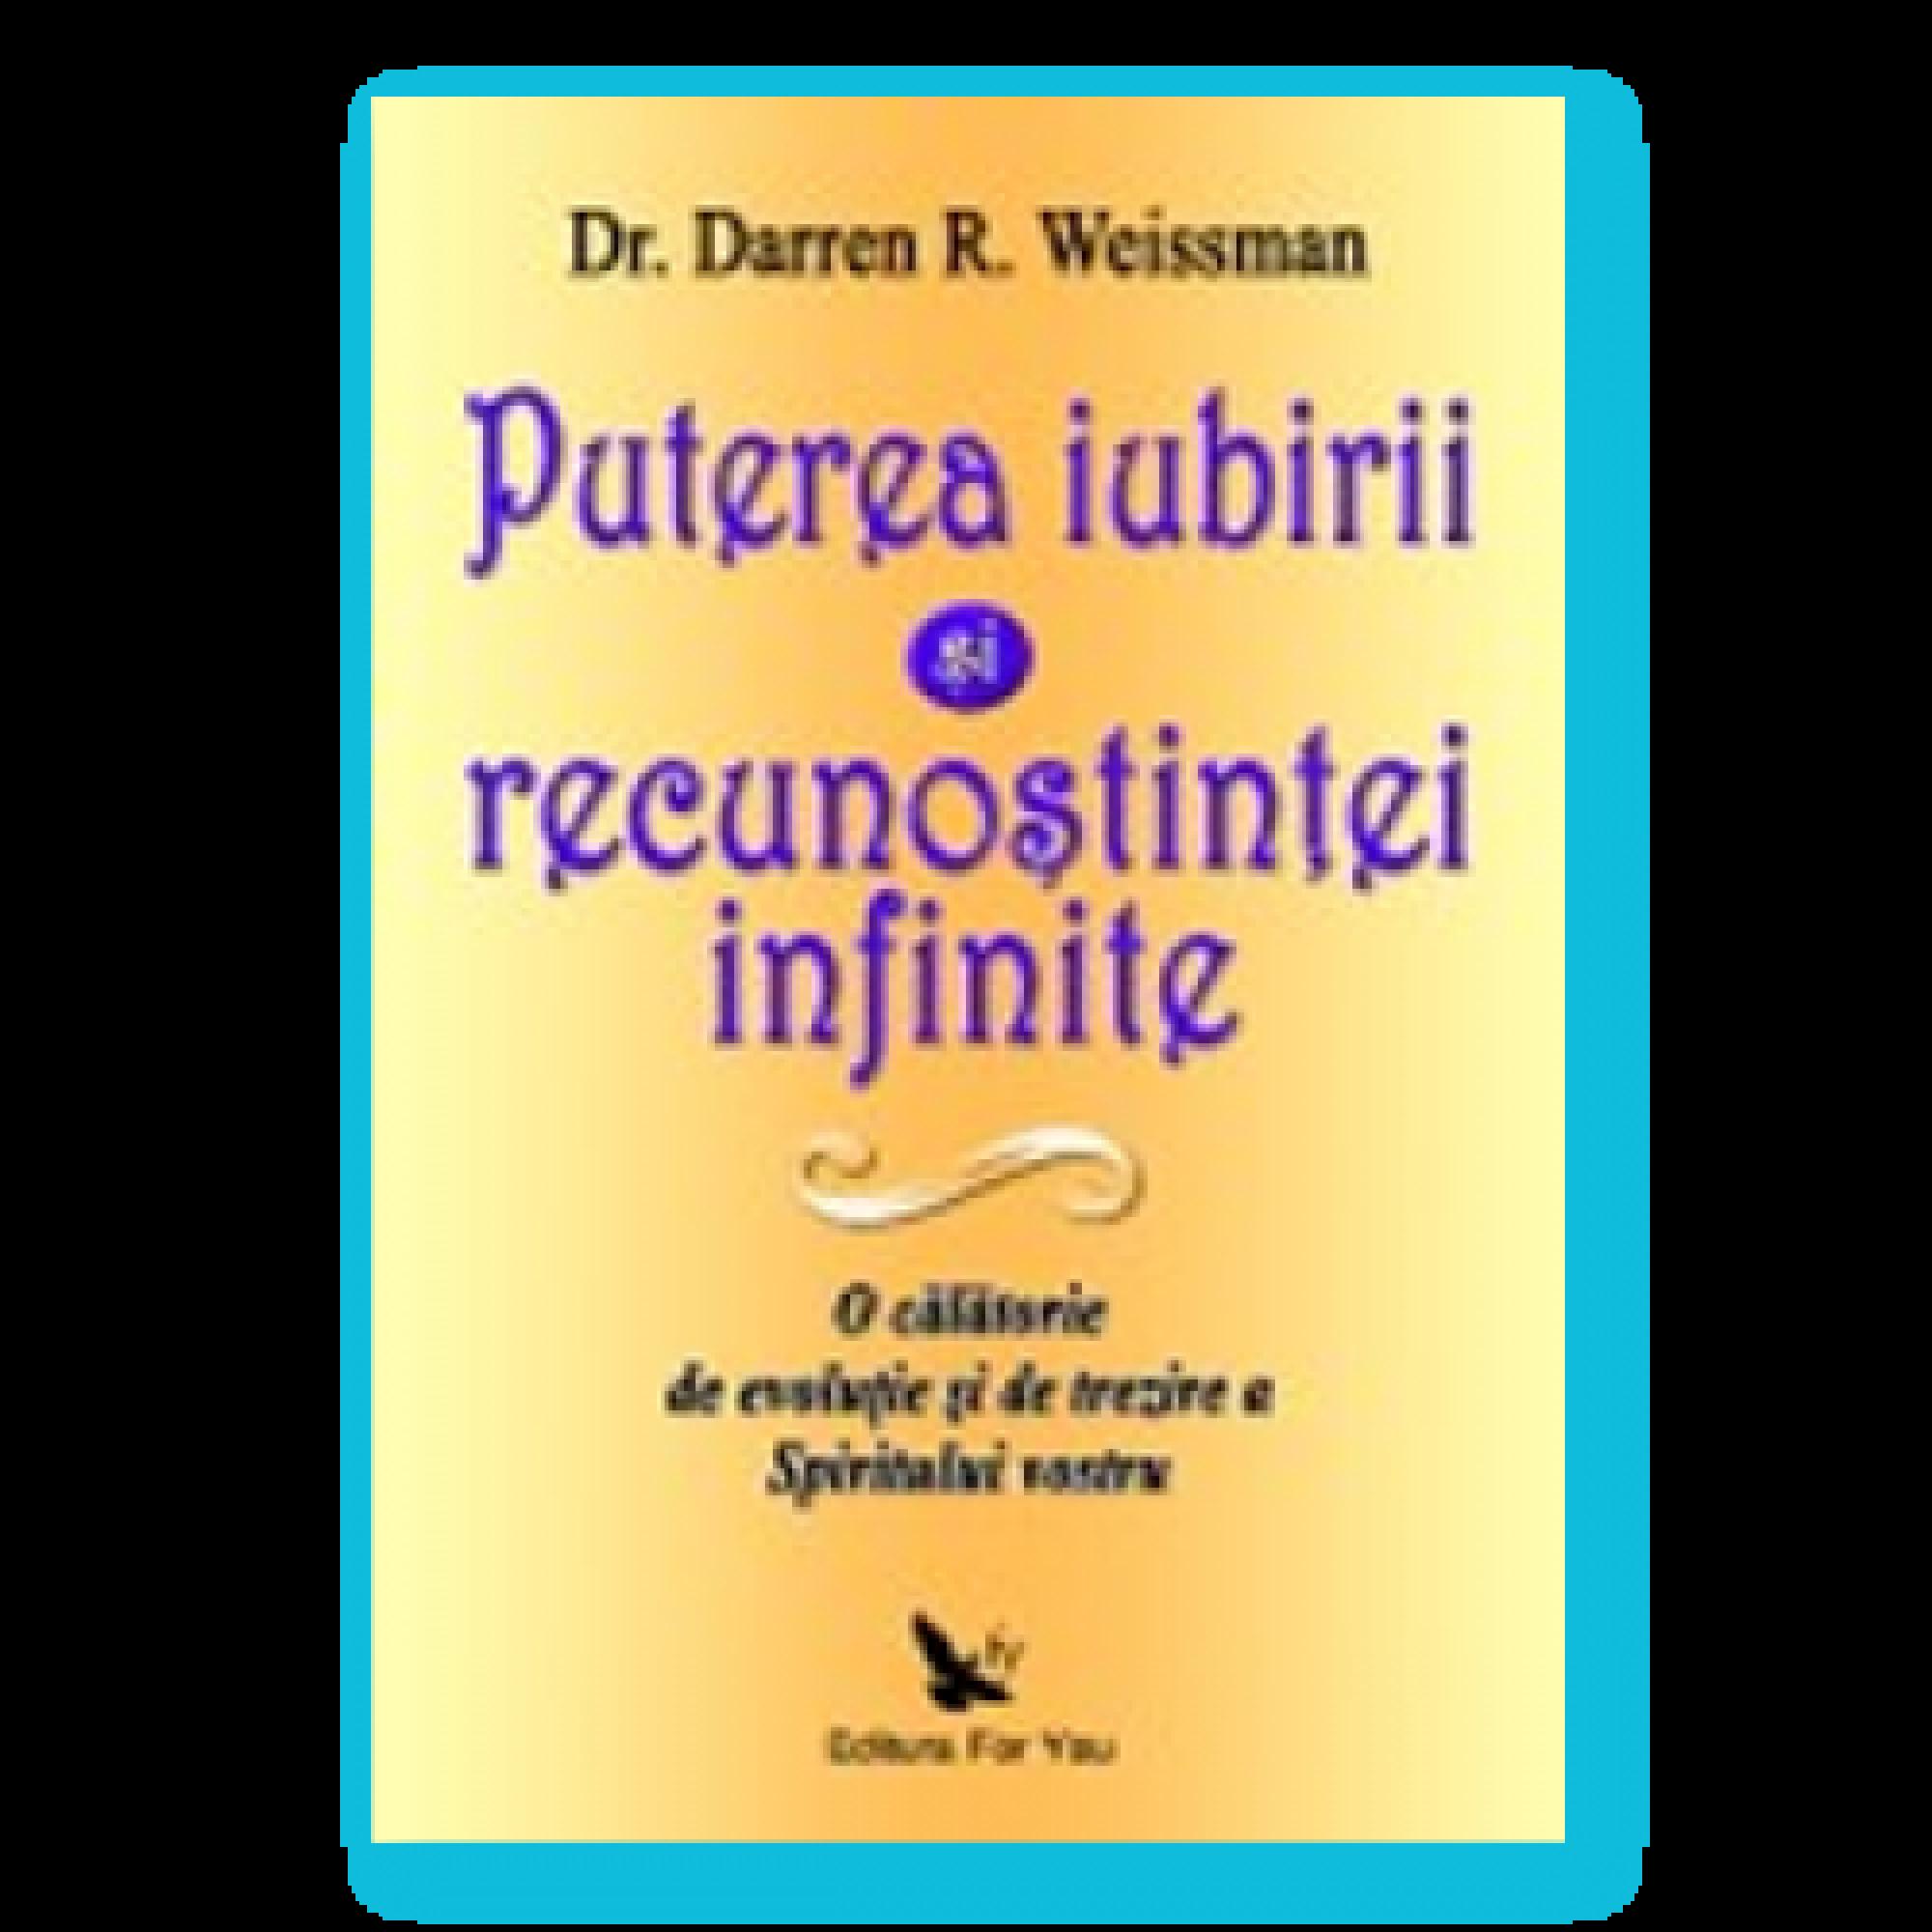 Puterea iubirii şi a recunoştinţei infinite; Darren R. Weissman